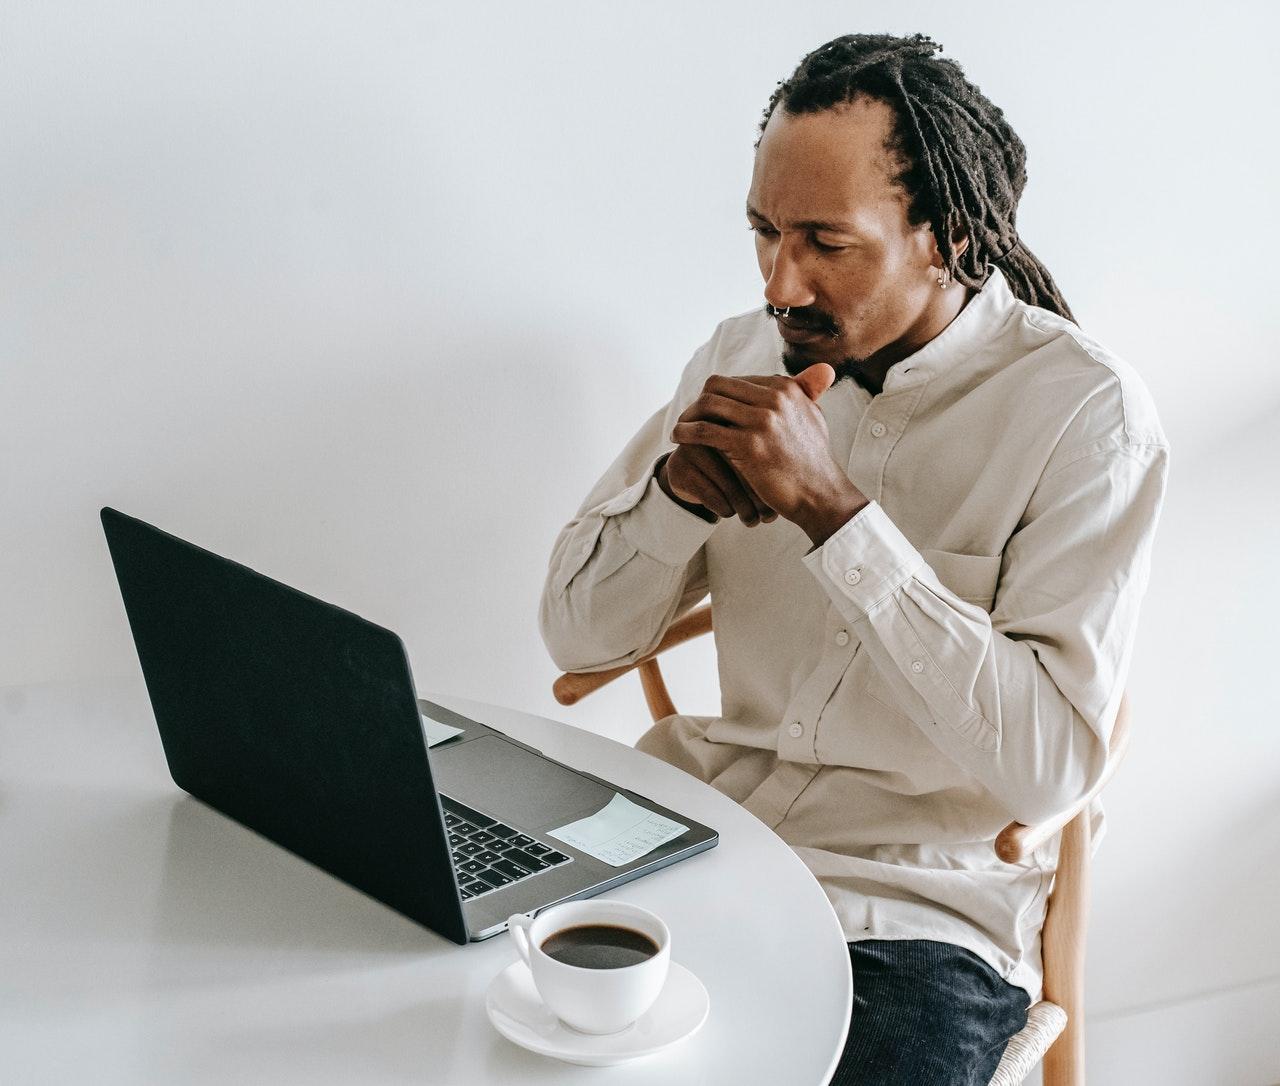 Gérer vos comptes directement en ligne